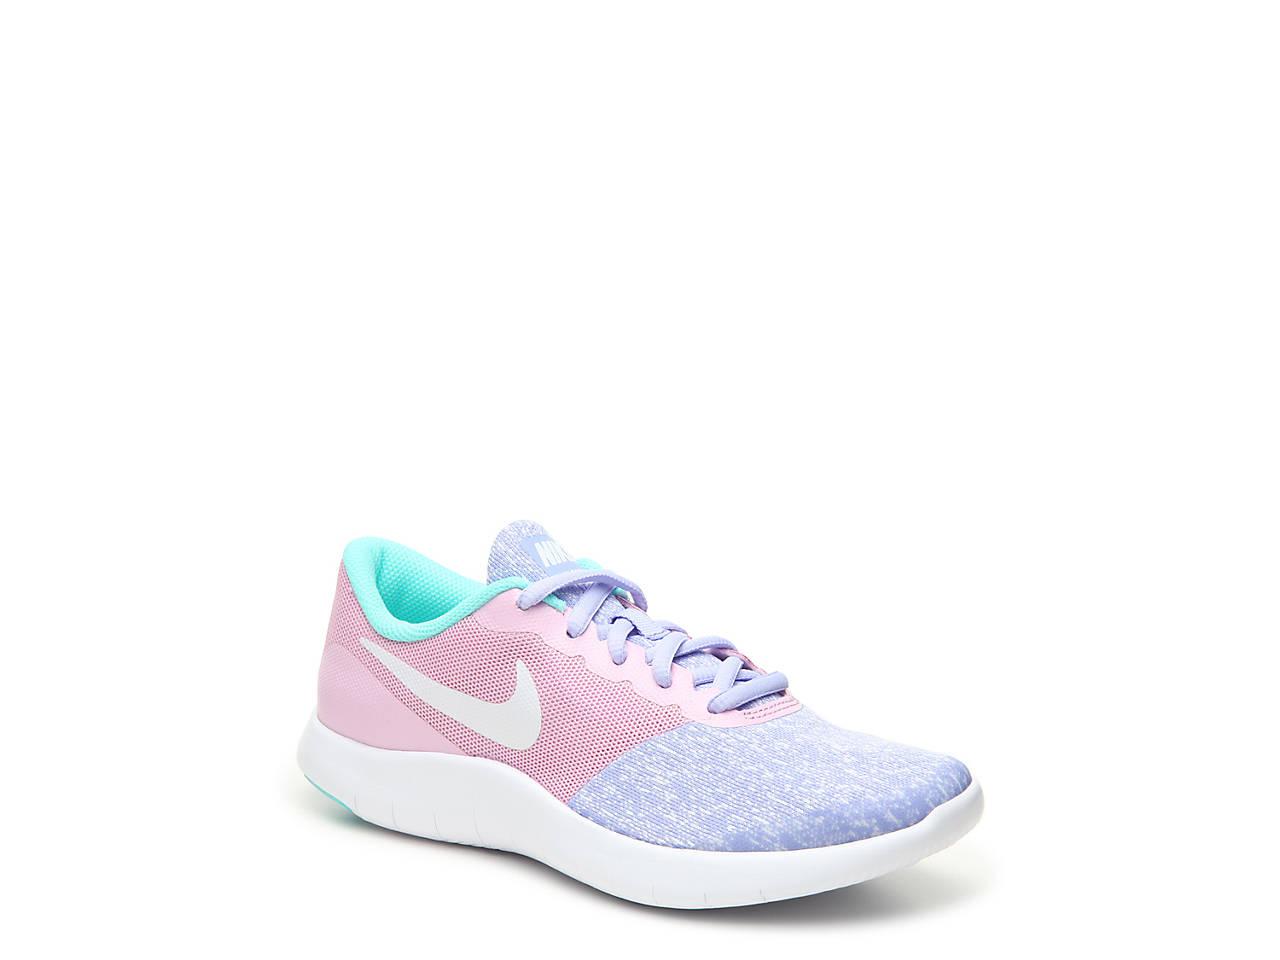 0be5840a9781e Nike Flex Contact Youth Running Shoe Kids Shoes